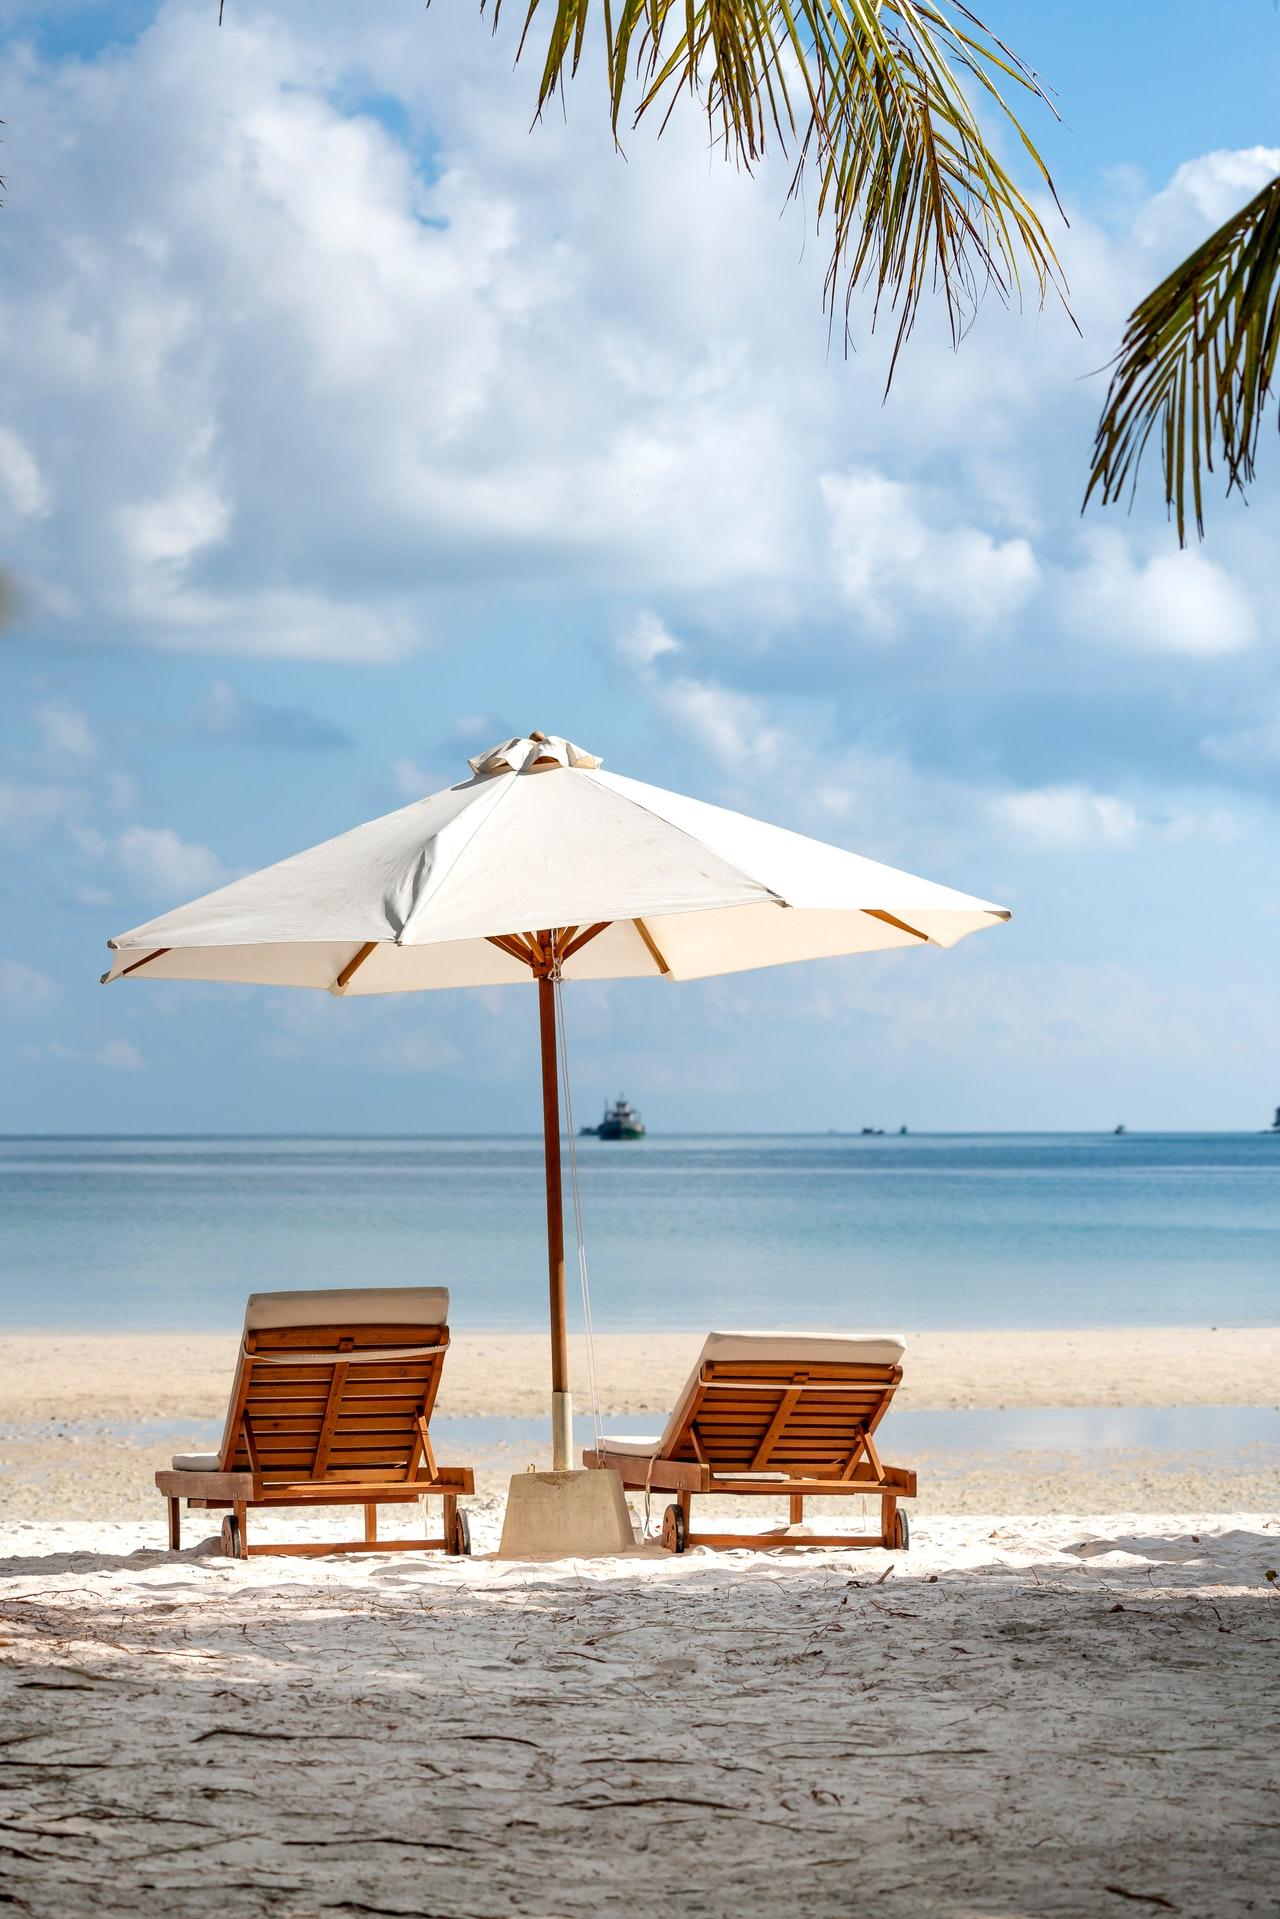 paradisical beach